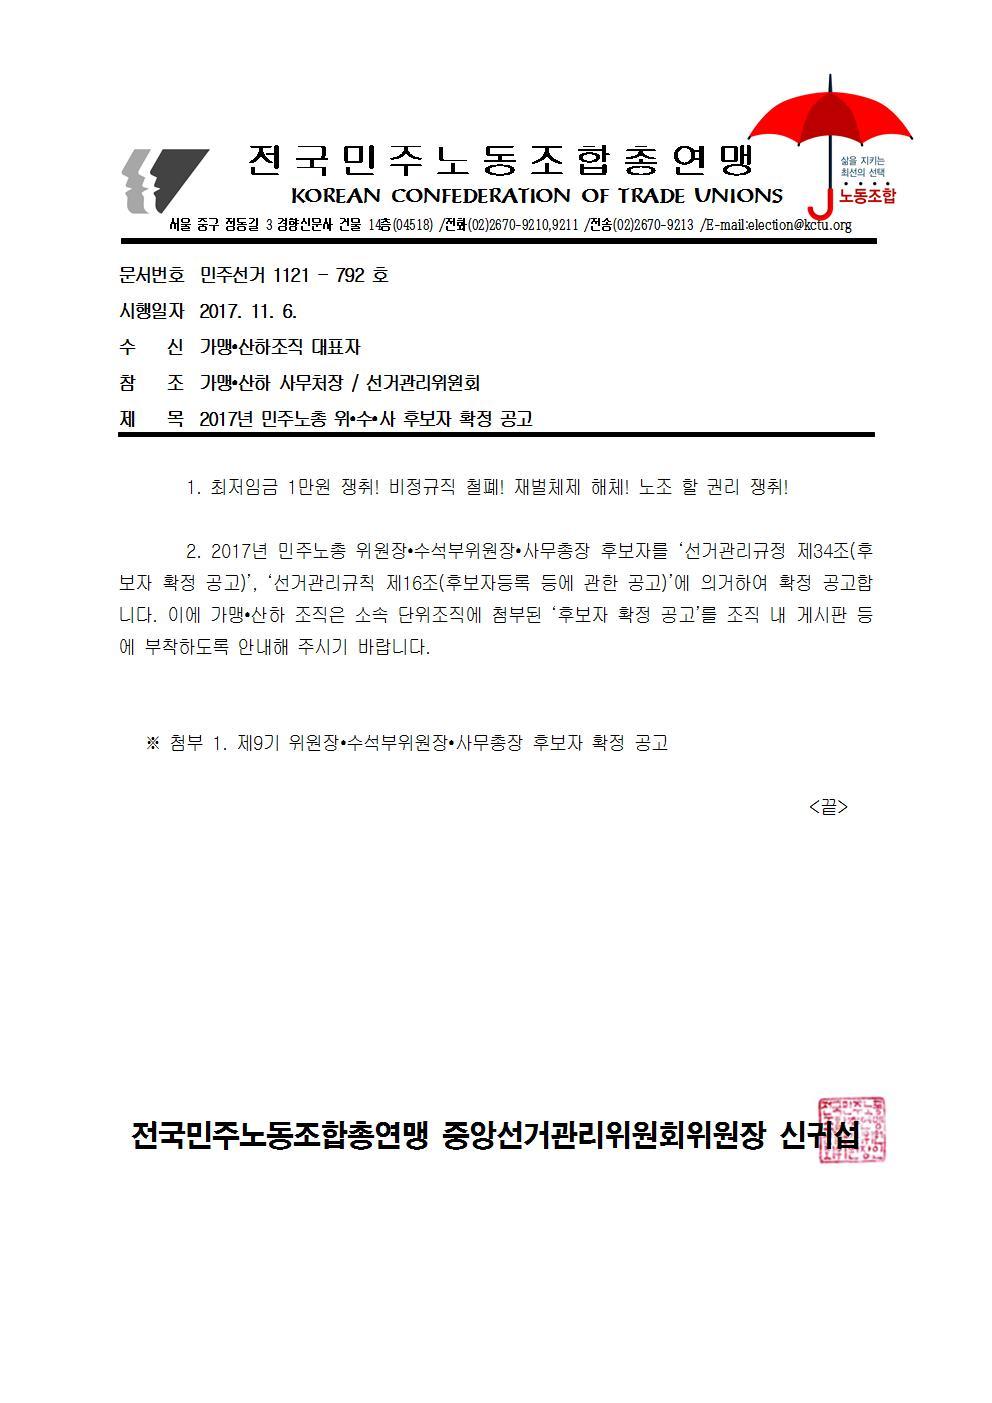 민주노총 위-수-사 후보자 확정 공고001.jpg